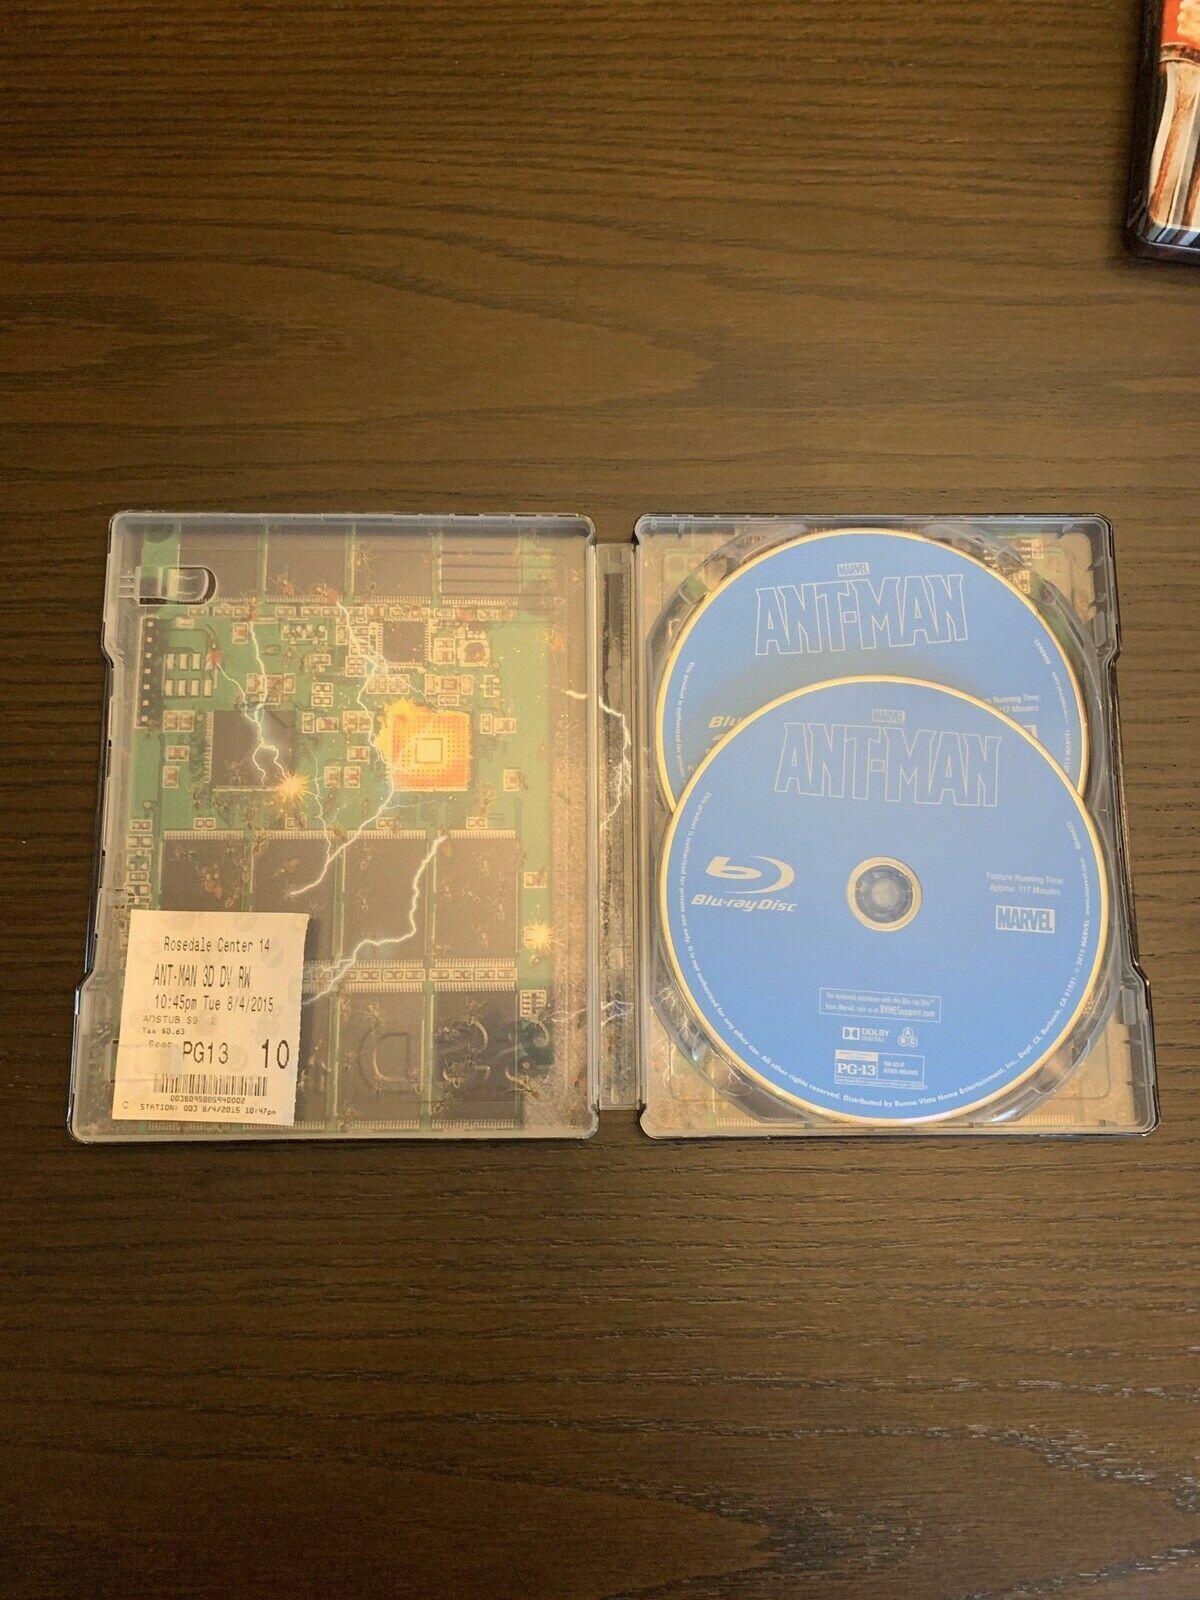 Ant-Man 2-Disc Set Best Buy Exclusive Steelbook 3D Blu-ray Blu Ray - $44.99